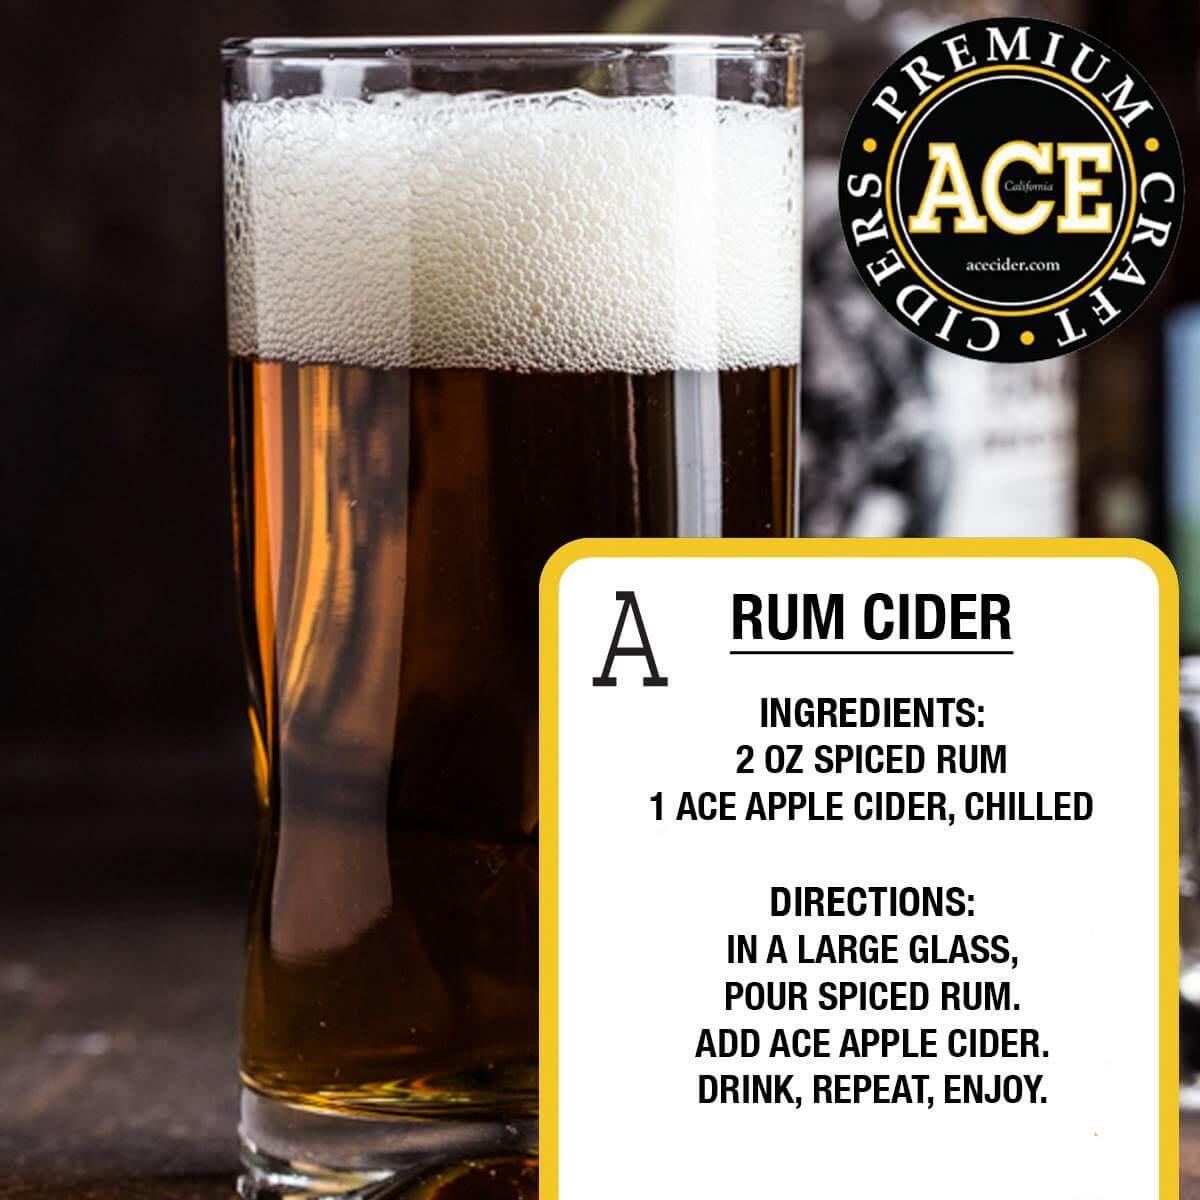 ACE Rum Cider